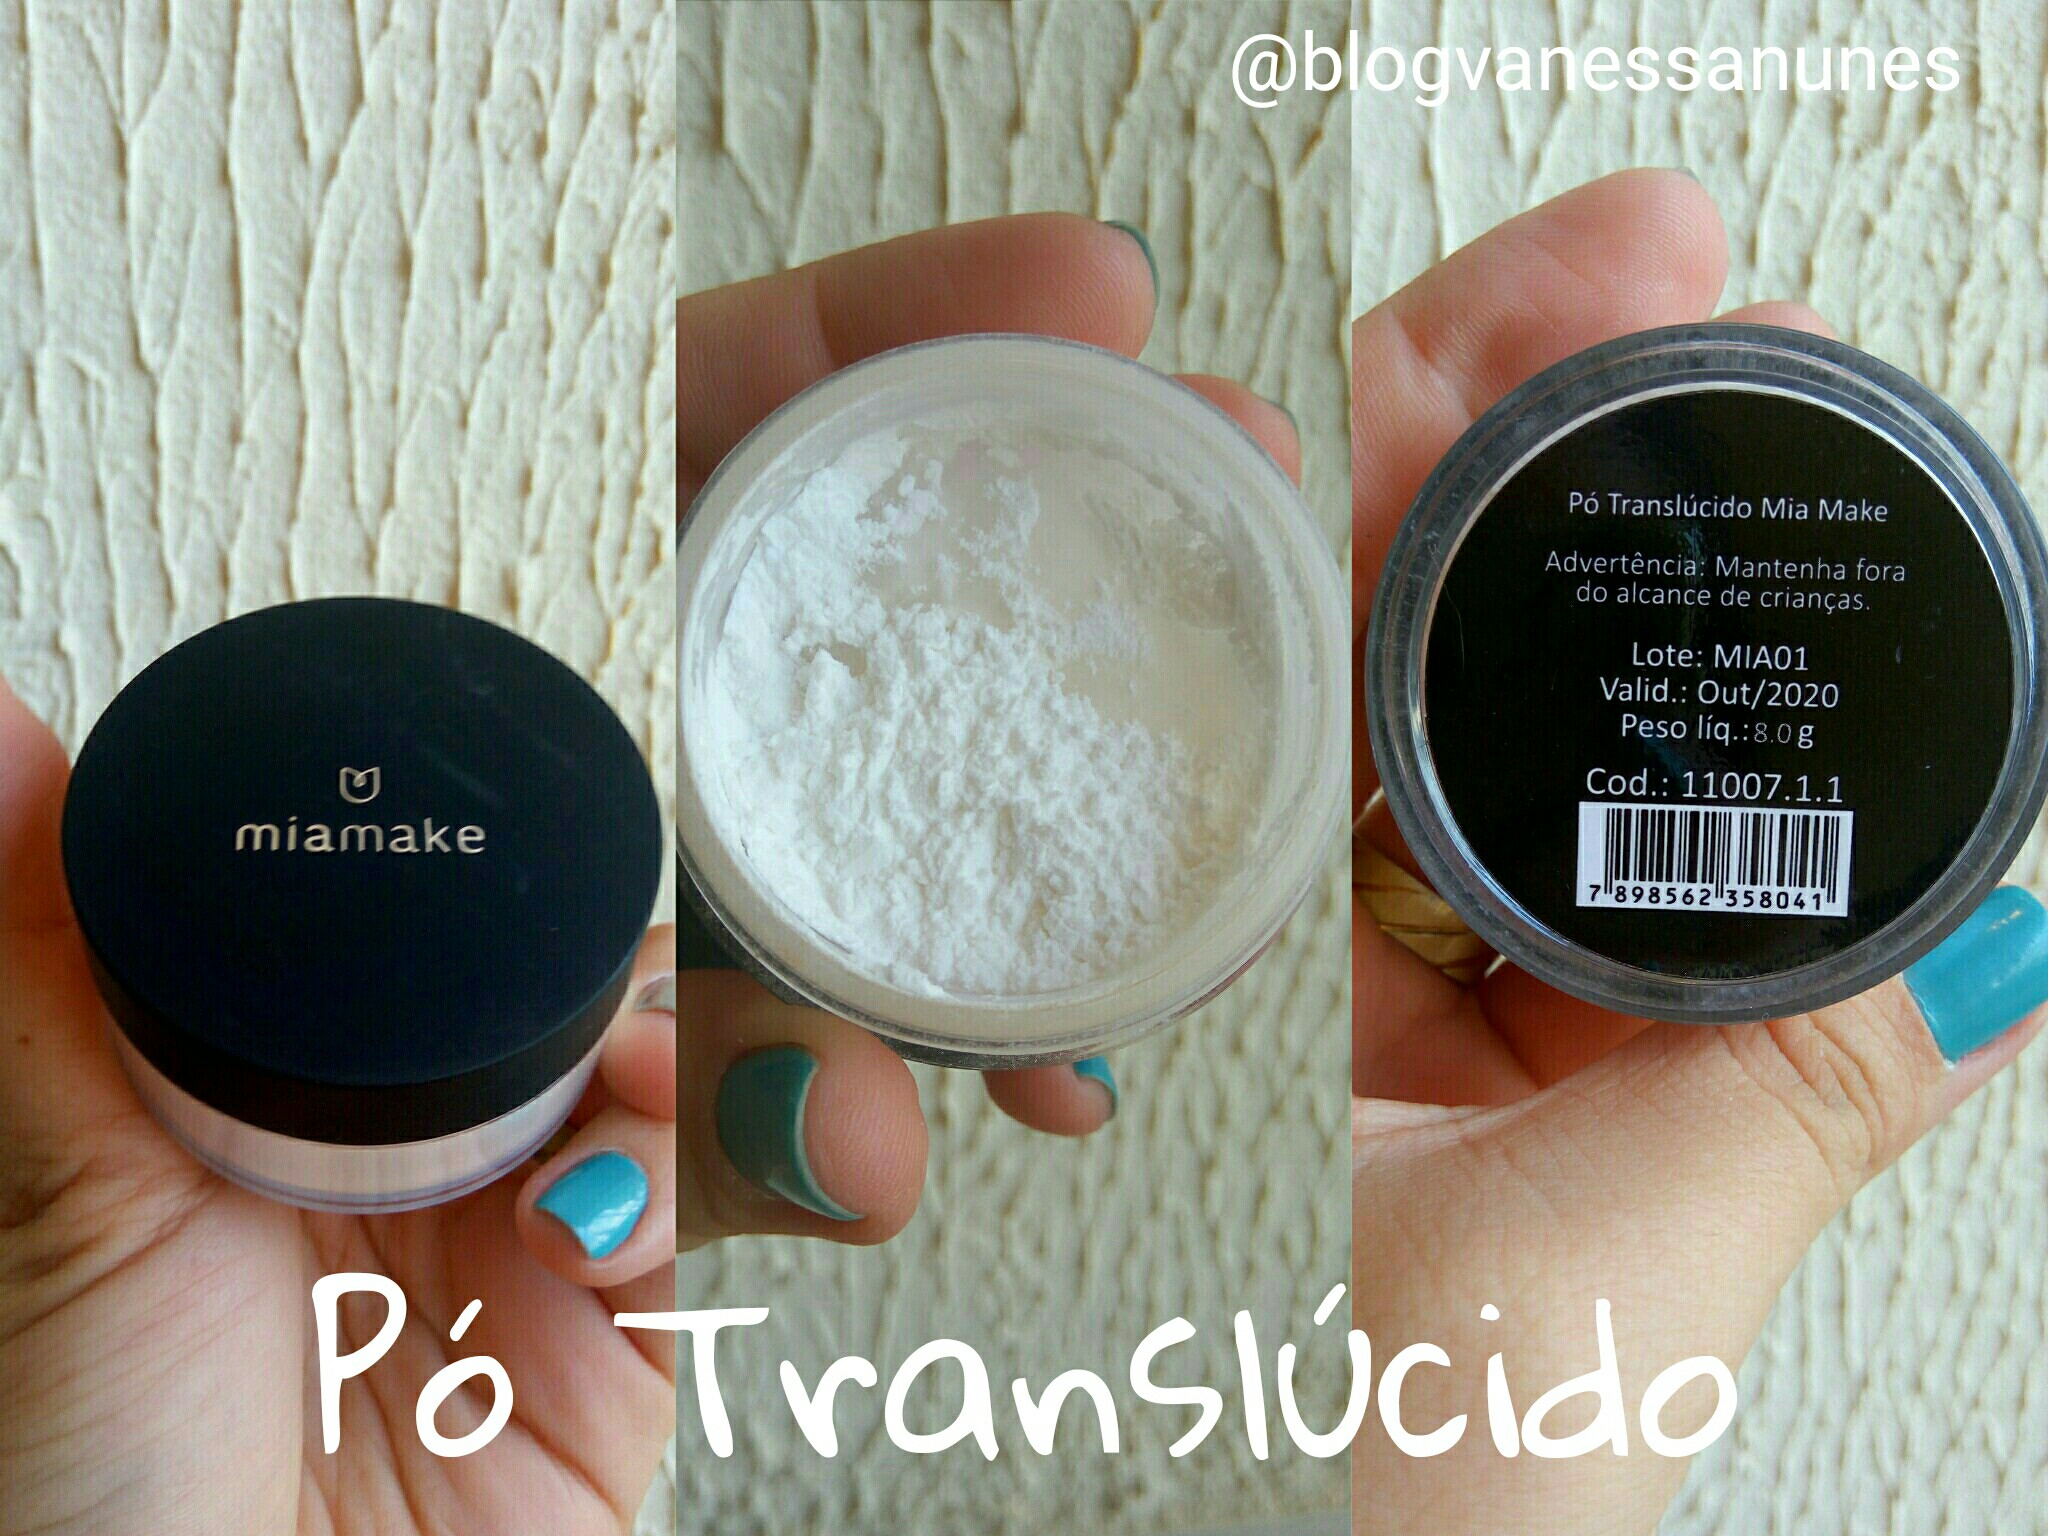 po_translucido_miamake